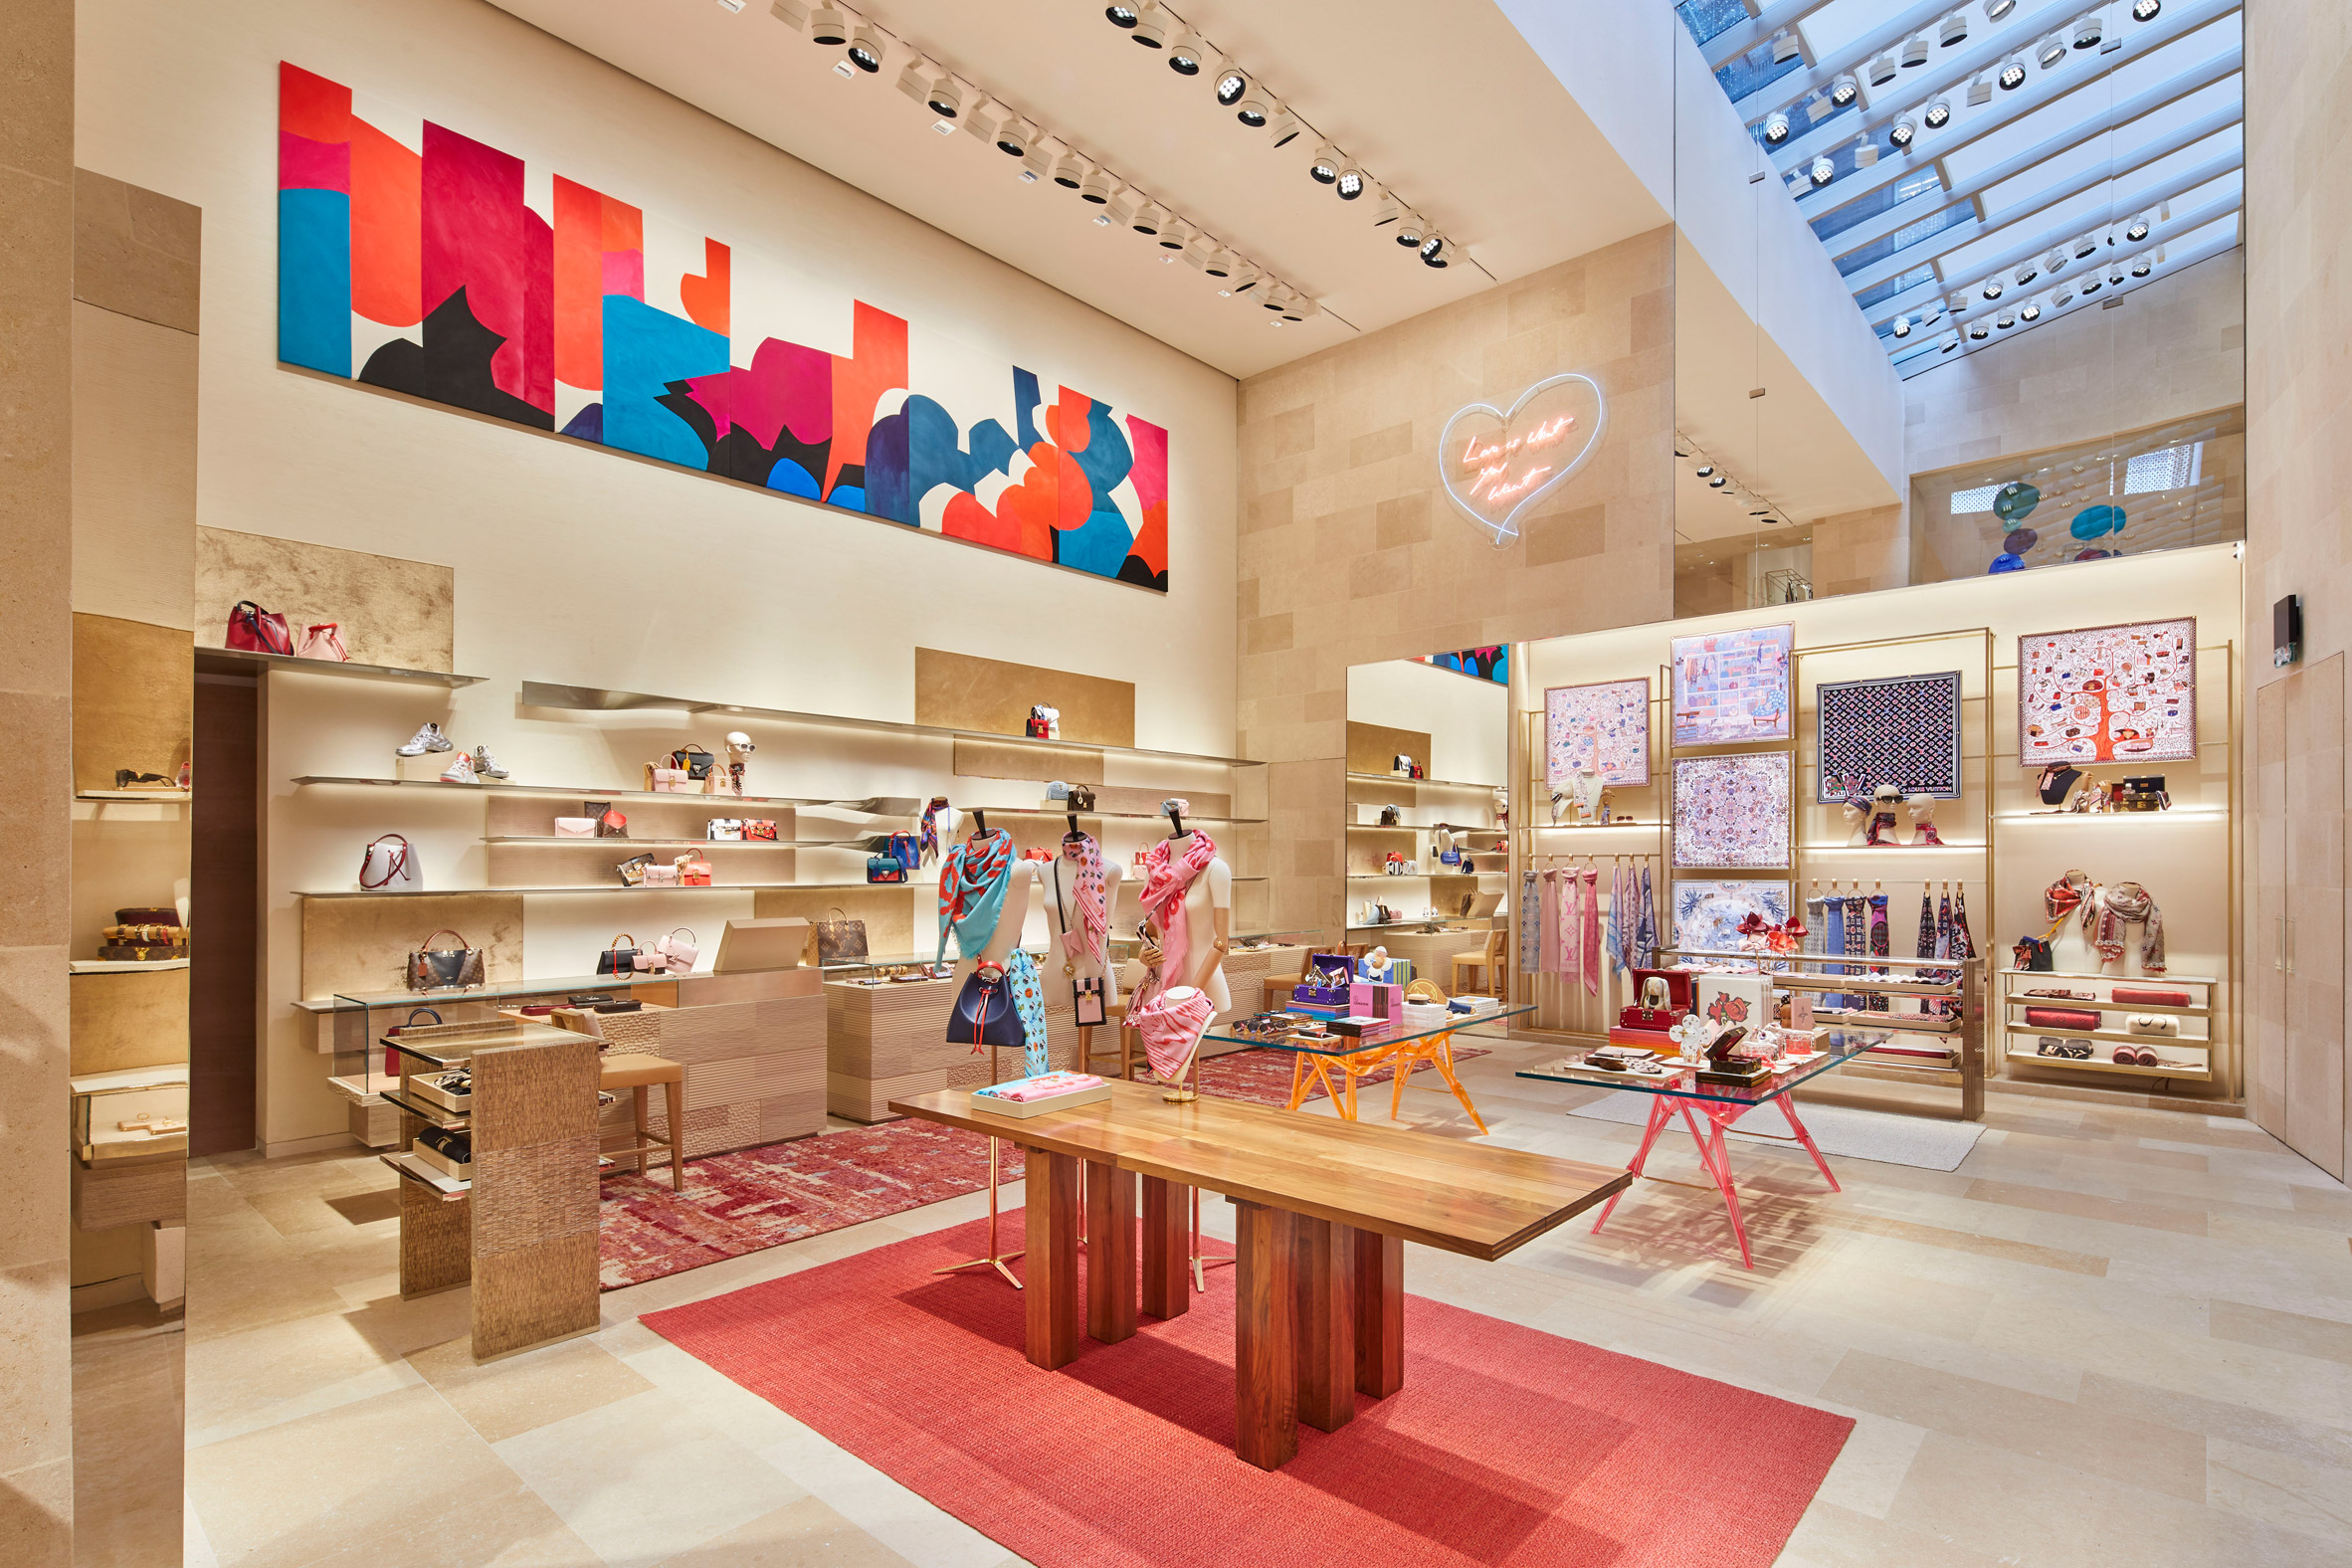 Thiết kế ánh sáng cho cửa hàng thời trang 1